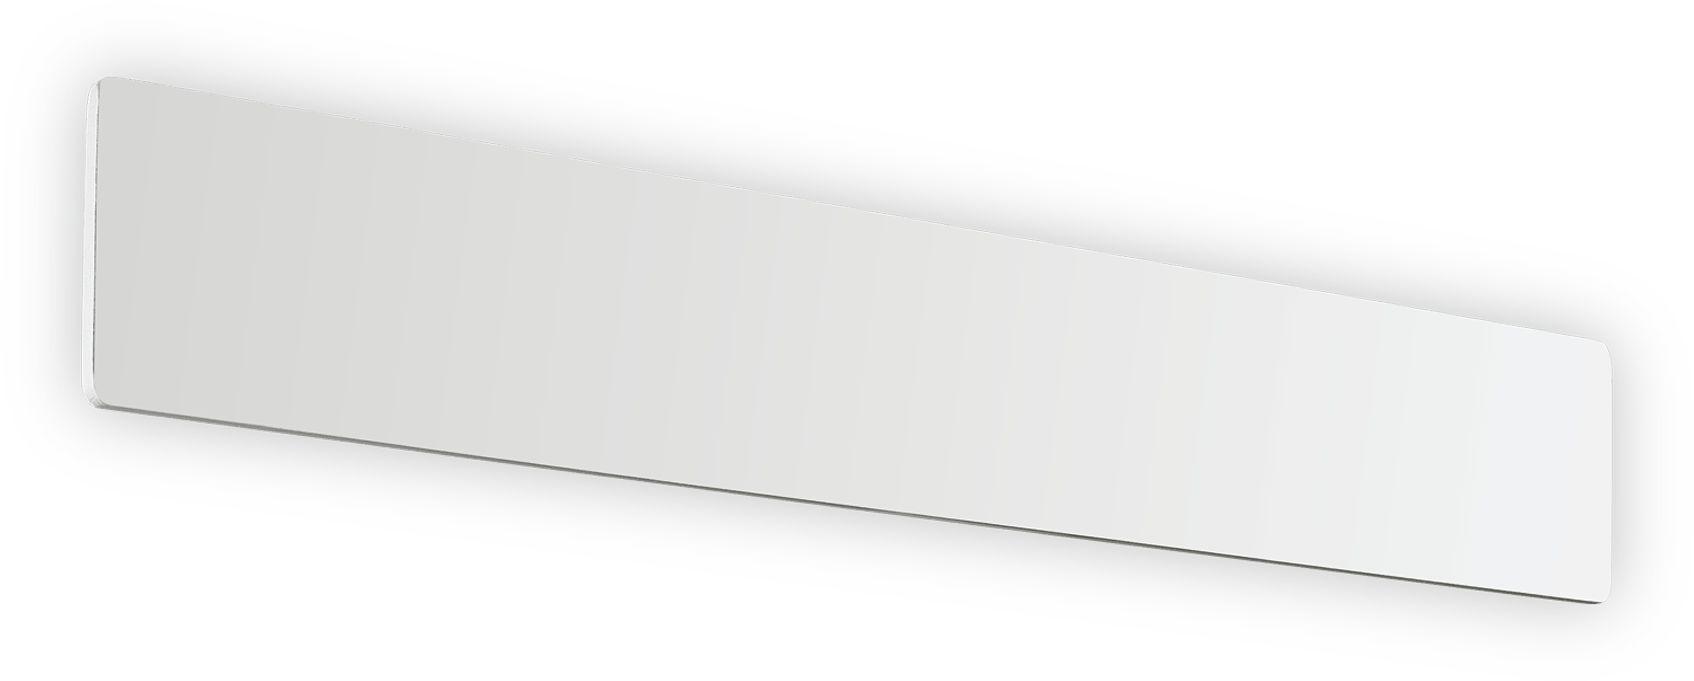 Kinkiet Zig Zag Ideal Lux nowoczesna oprawa ścienna